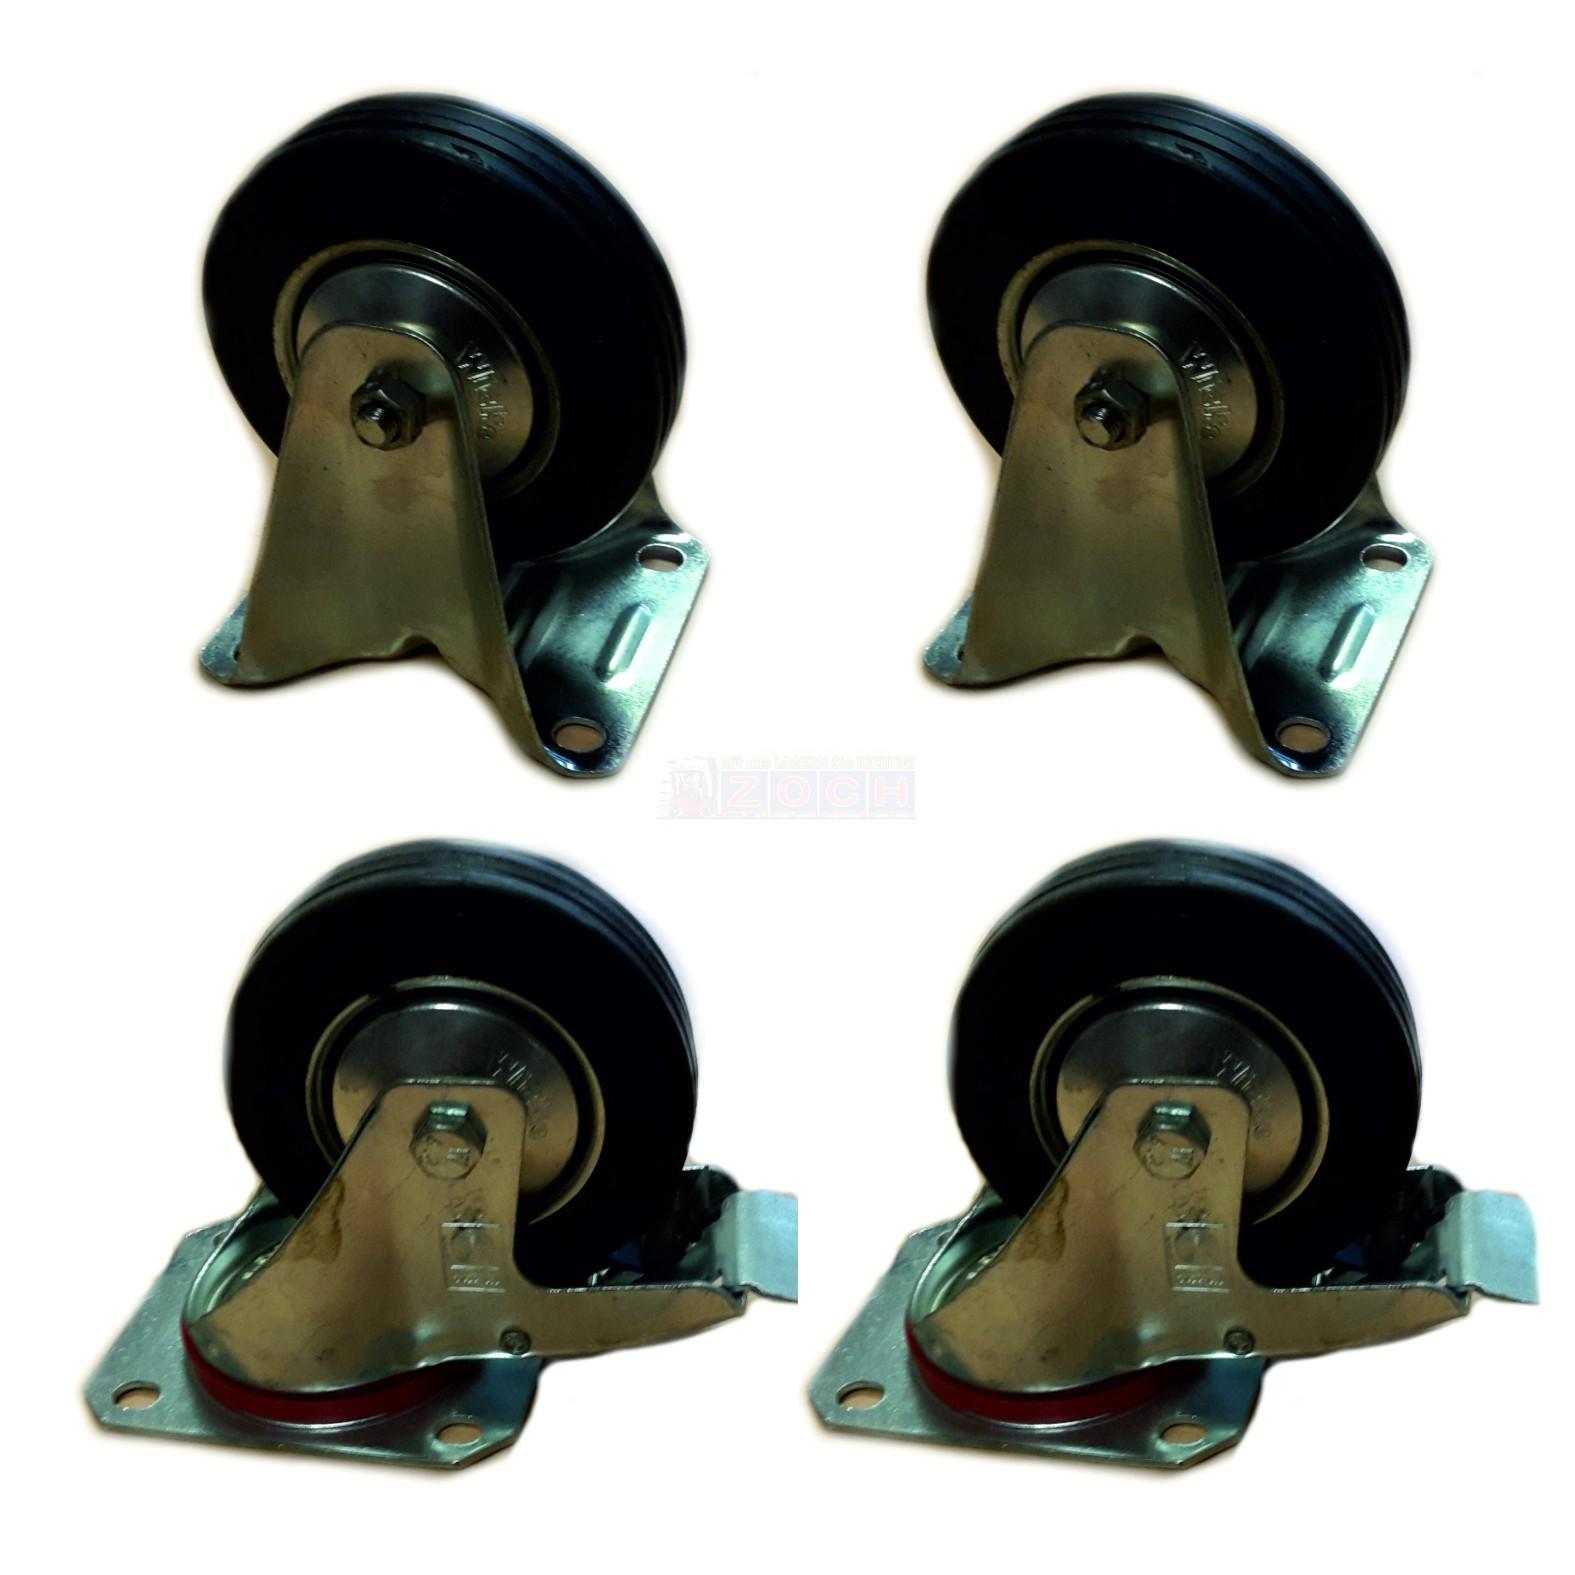 2 Lenkrollen mit Feststeller + 2 Bockrollen Set 100x30mm, Vollgummi-Bereifung